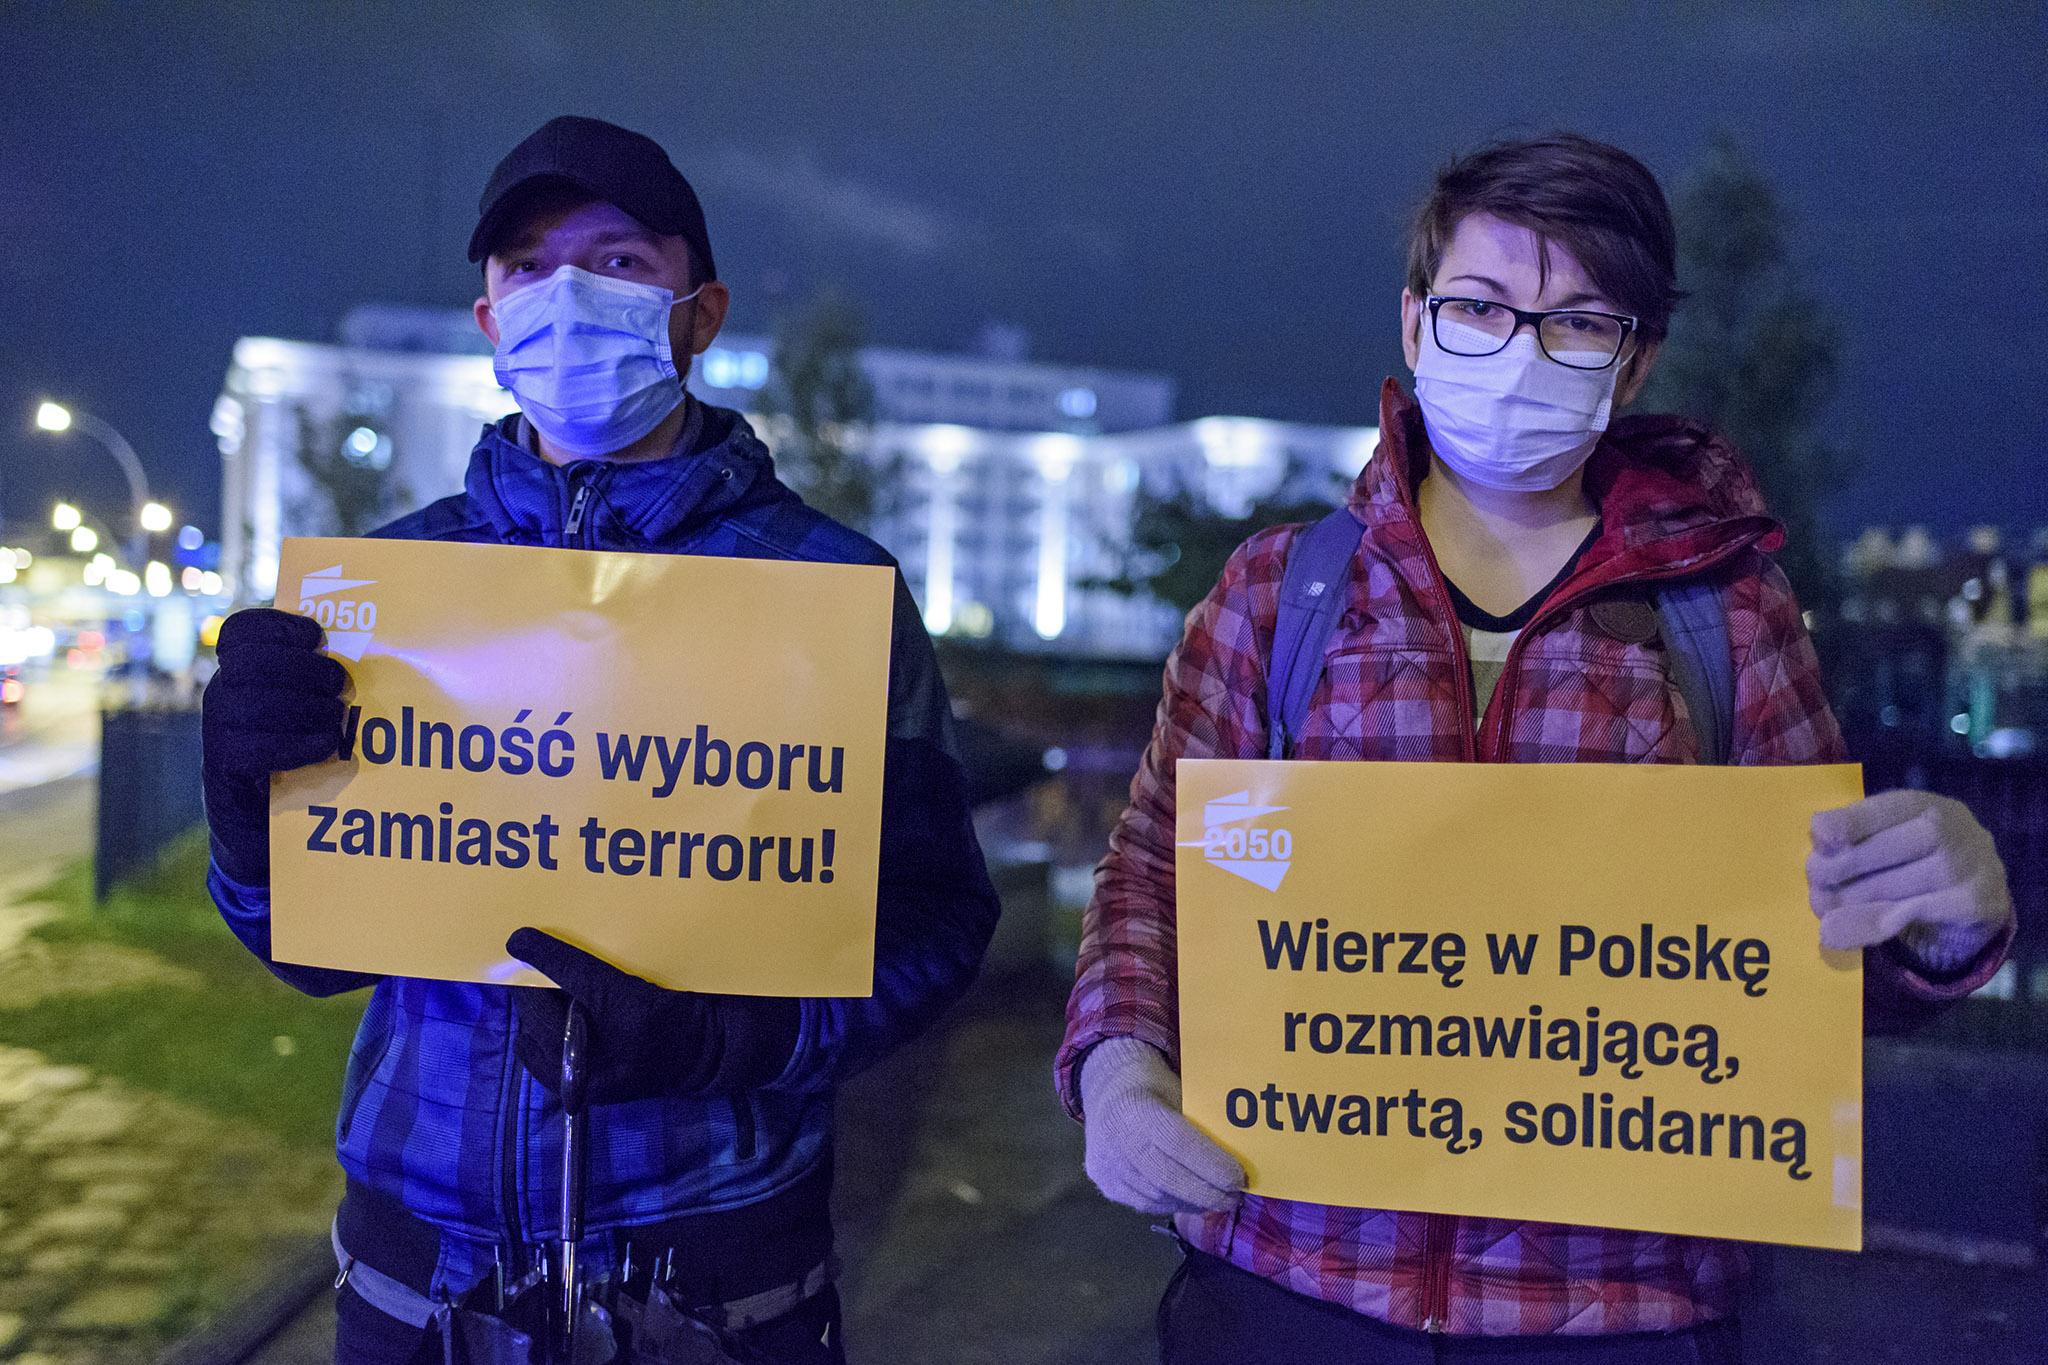 DSC_6728_RZESZOW_NEWS_SEBASTIAN_STANKIEWICZ